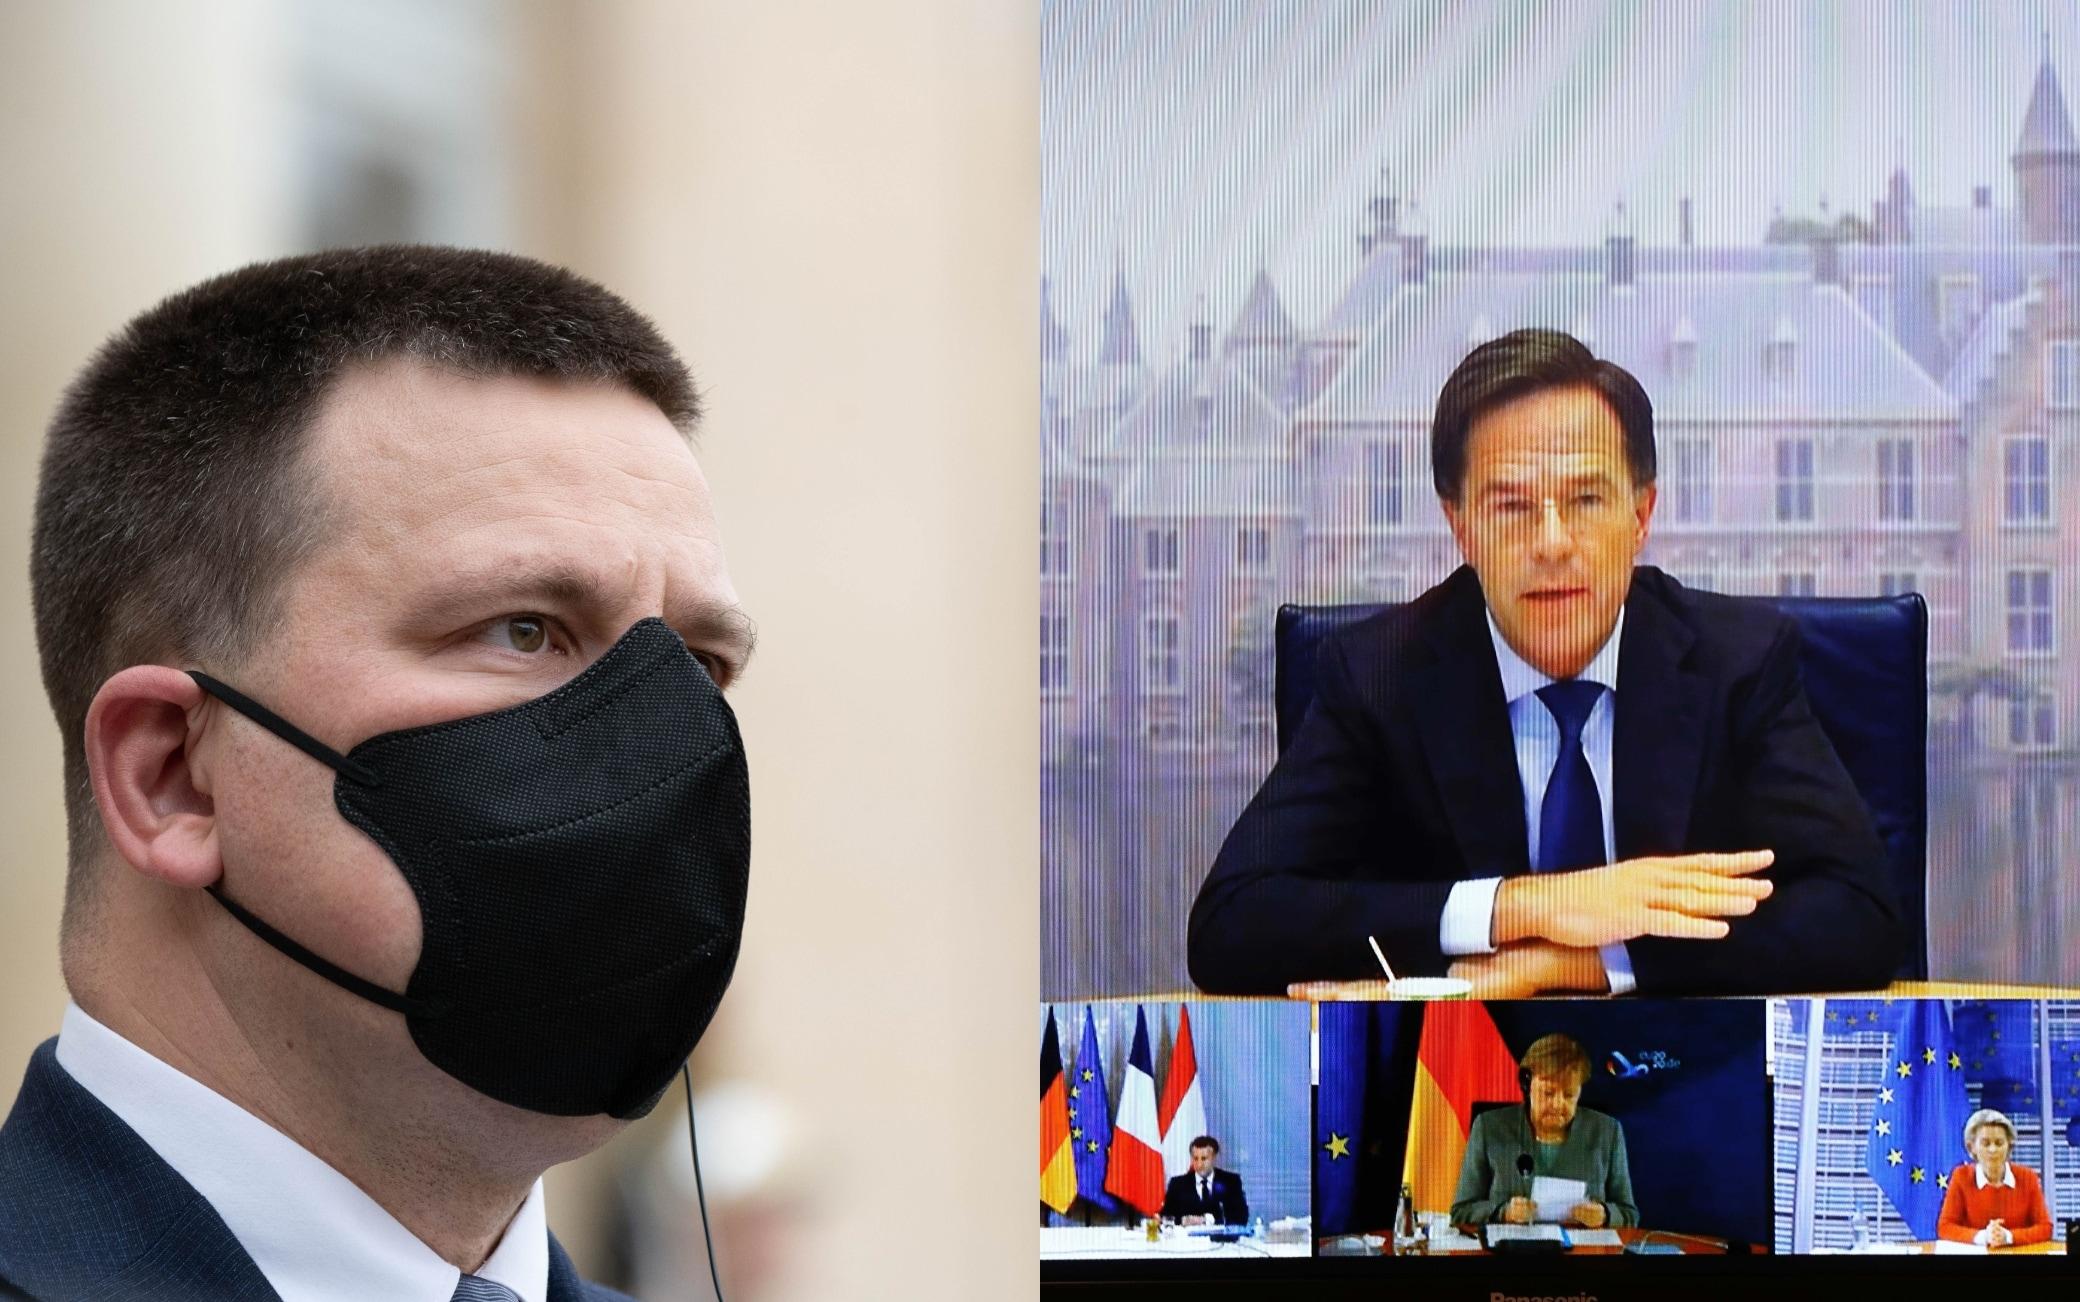 Governi in crisi anche in Estonia e Olanda: cosa succede